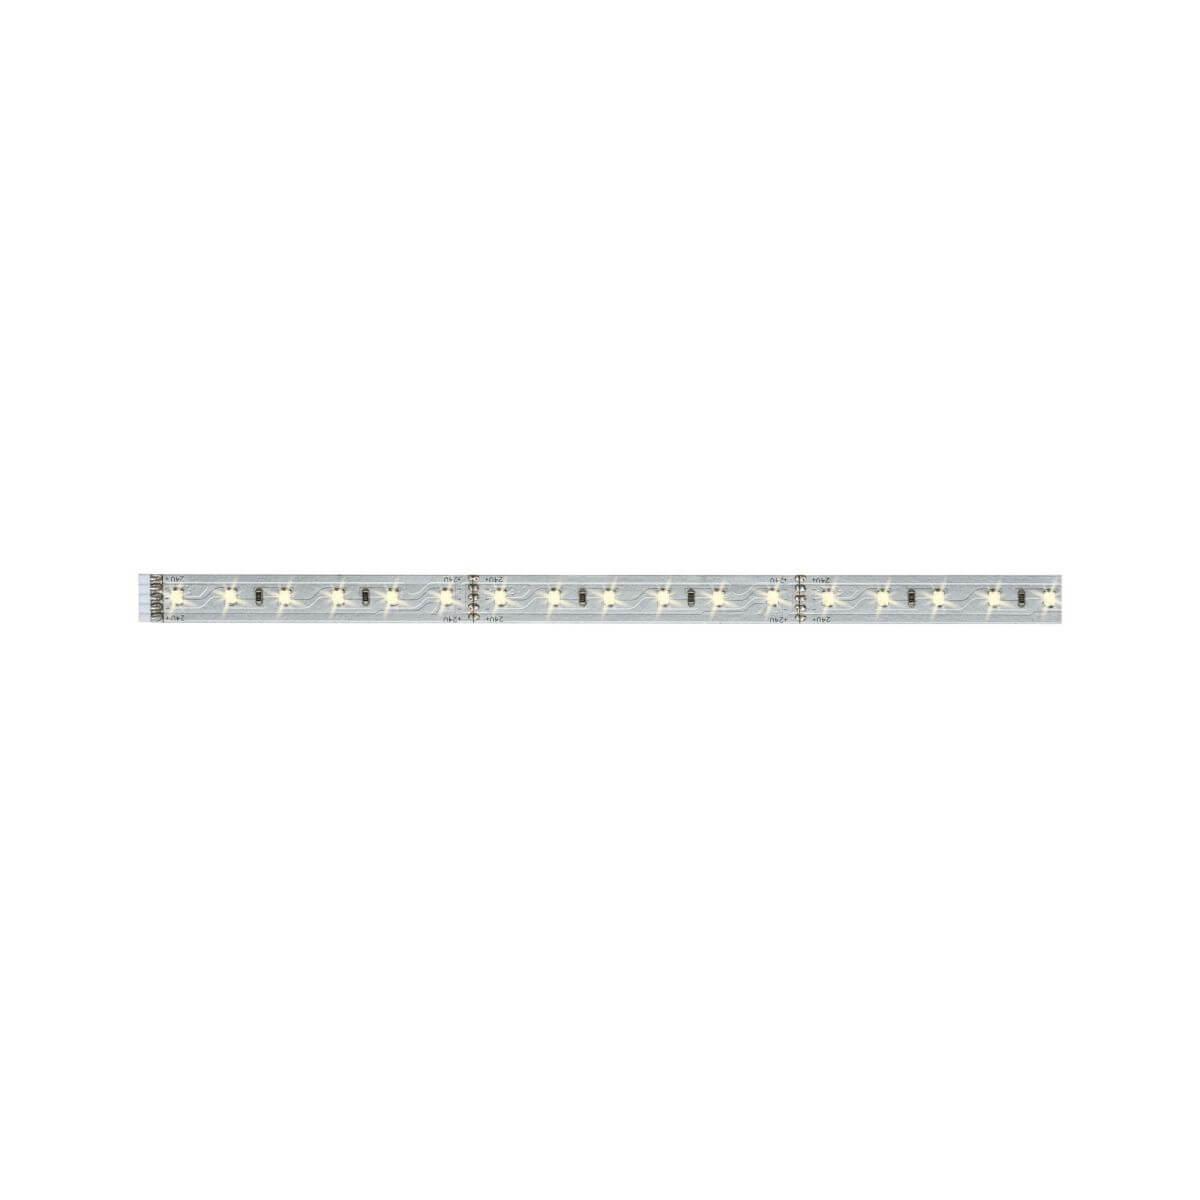 Paulmann MaxLED 500 Strip, 1 m,Warmweiß, unbeschichtet